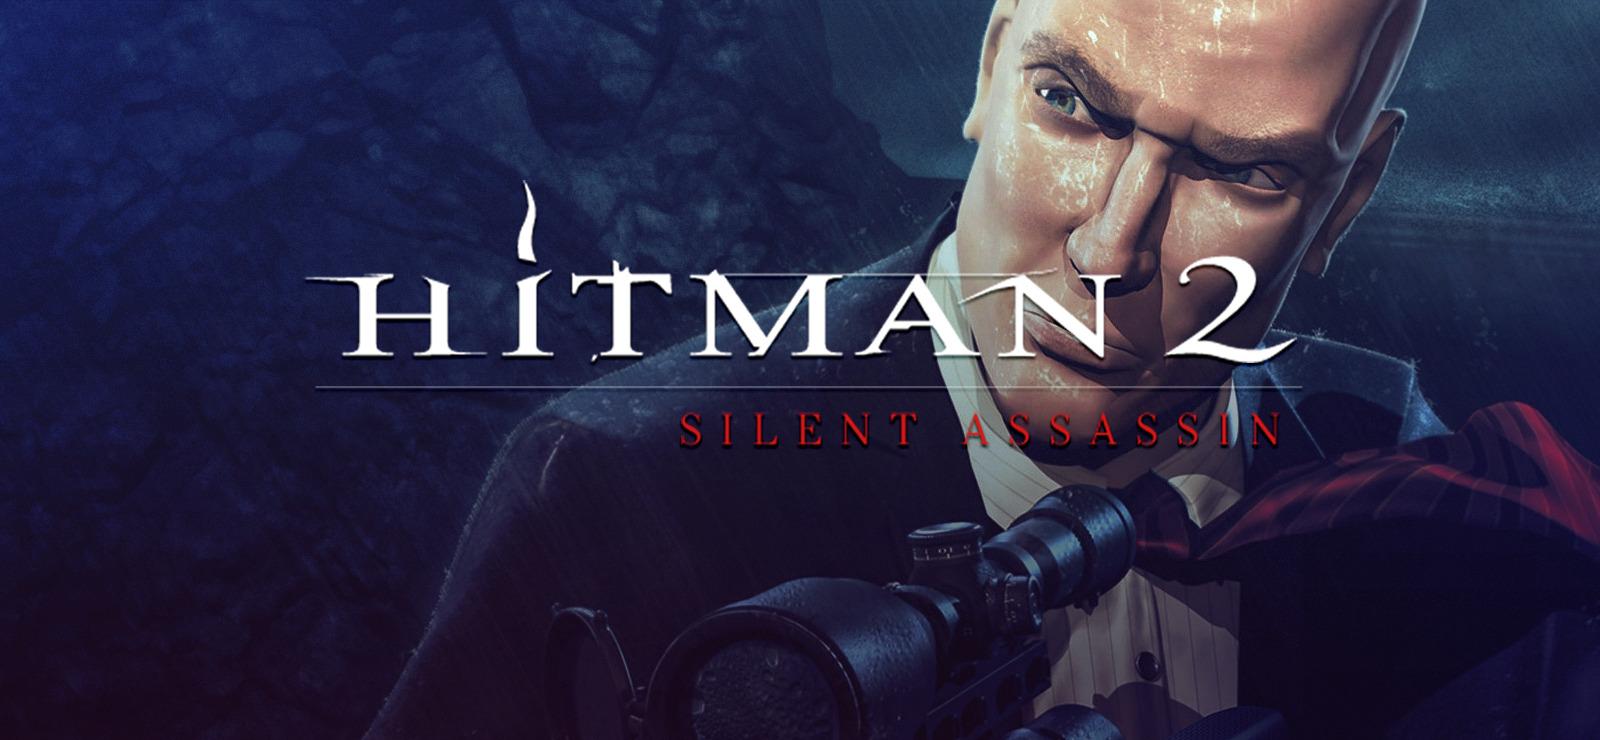 Hitman 2 Silent Assassin On Gog Com